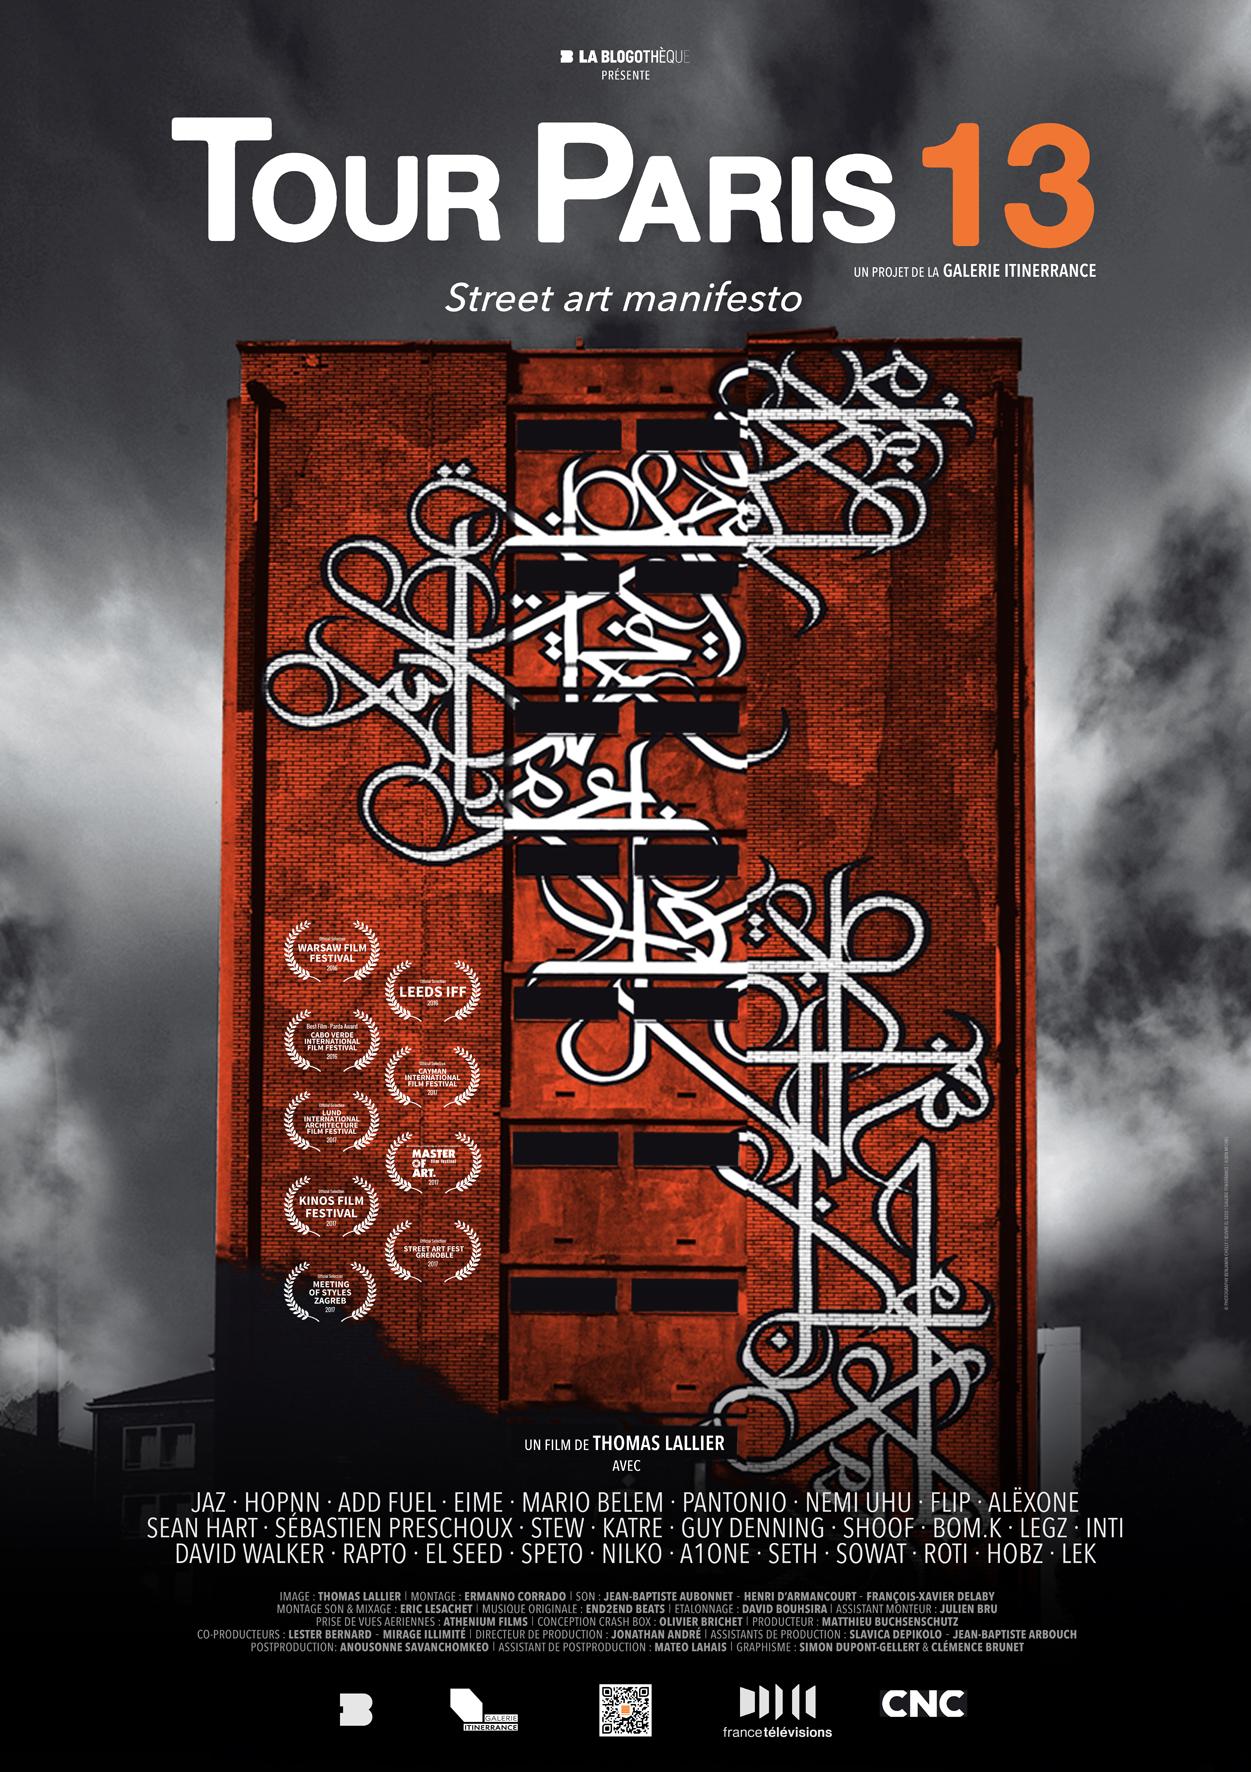 TP13_Poster_Movie_FR_MASTER_RVB.jpg